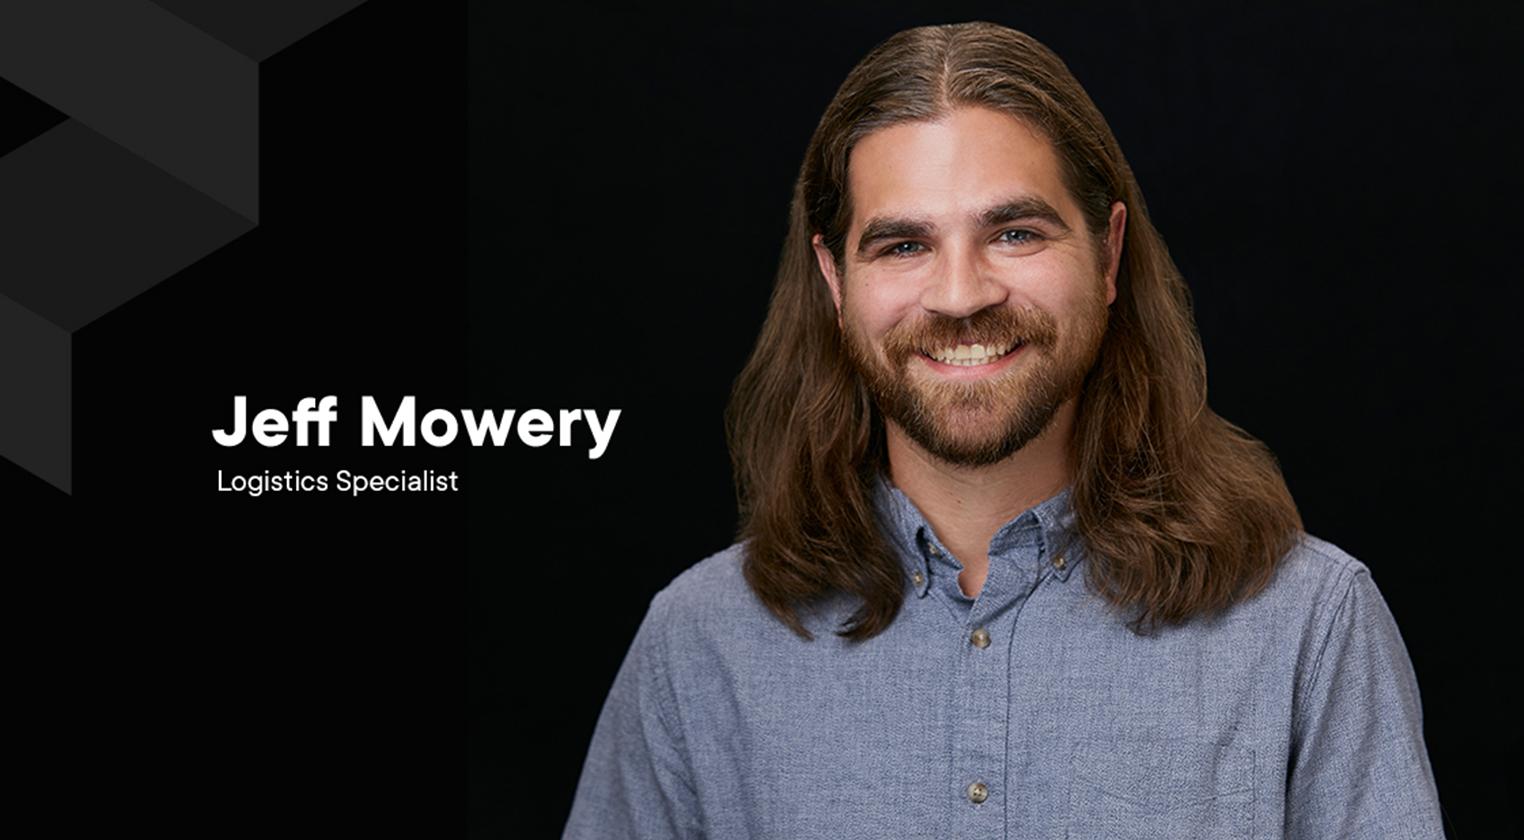 Meet Jeff Mowery